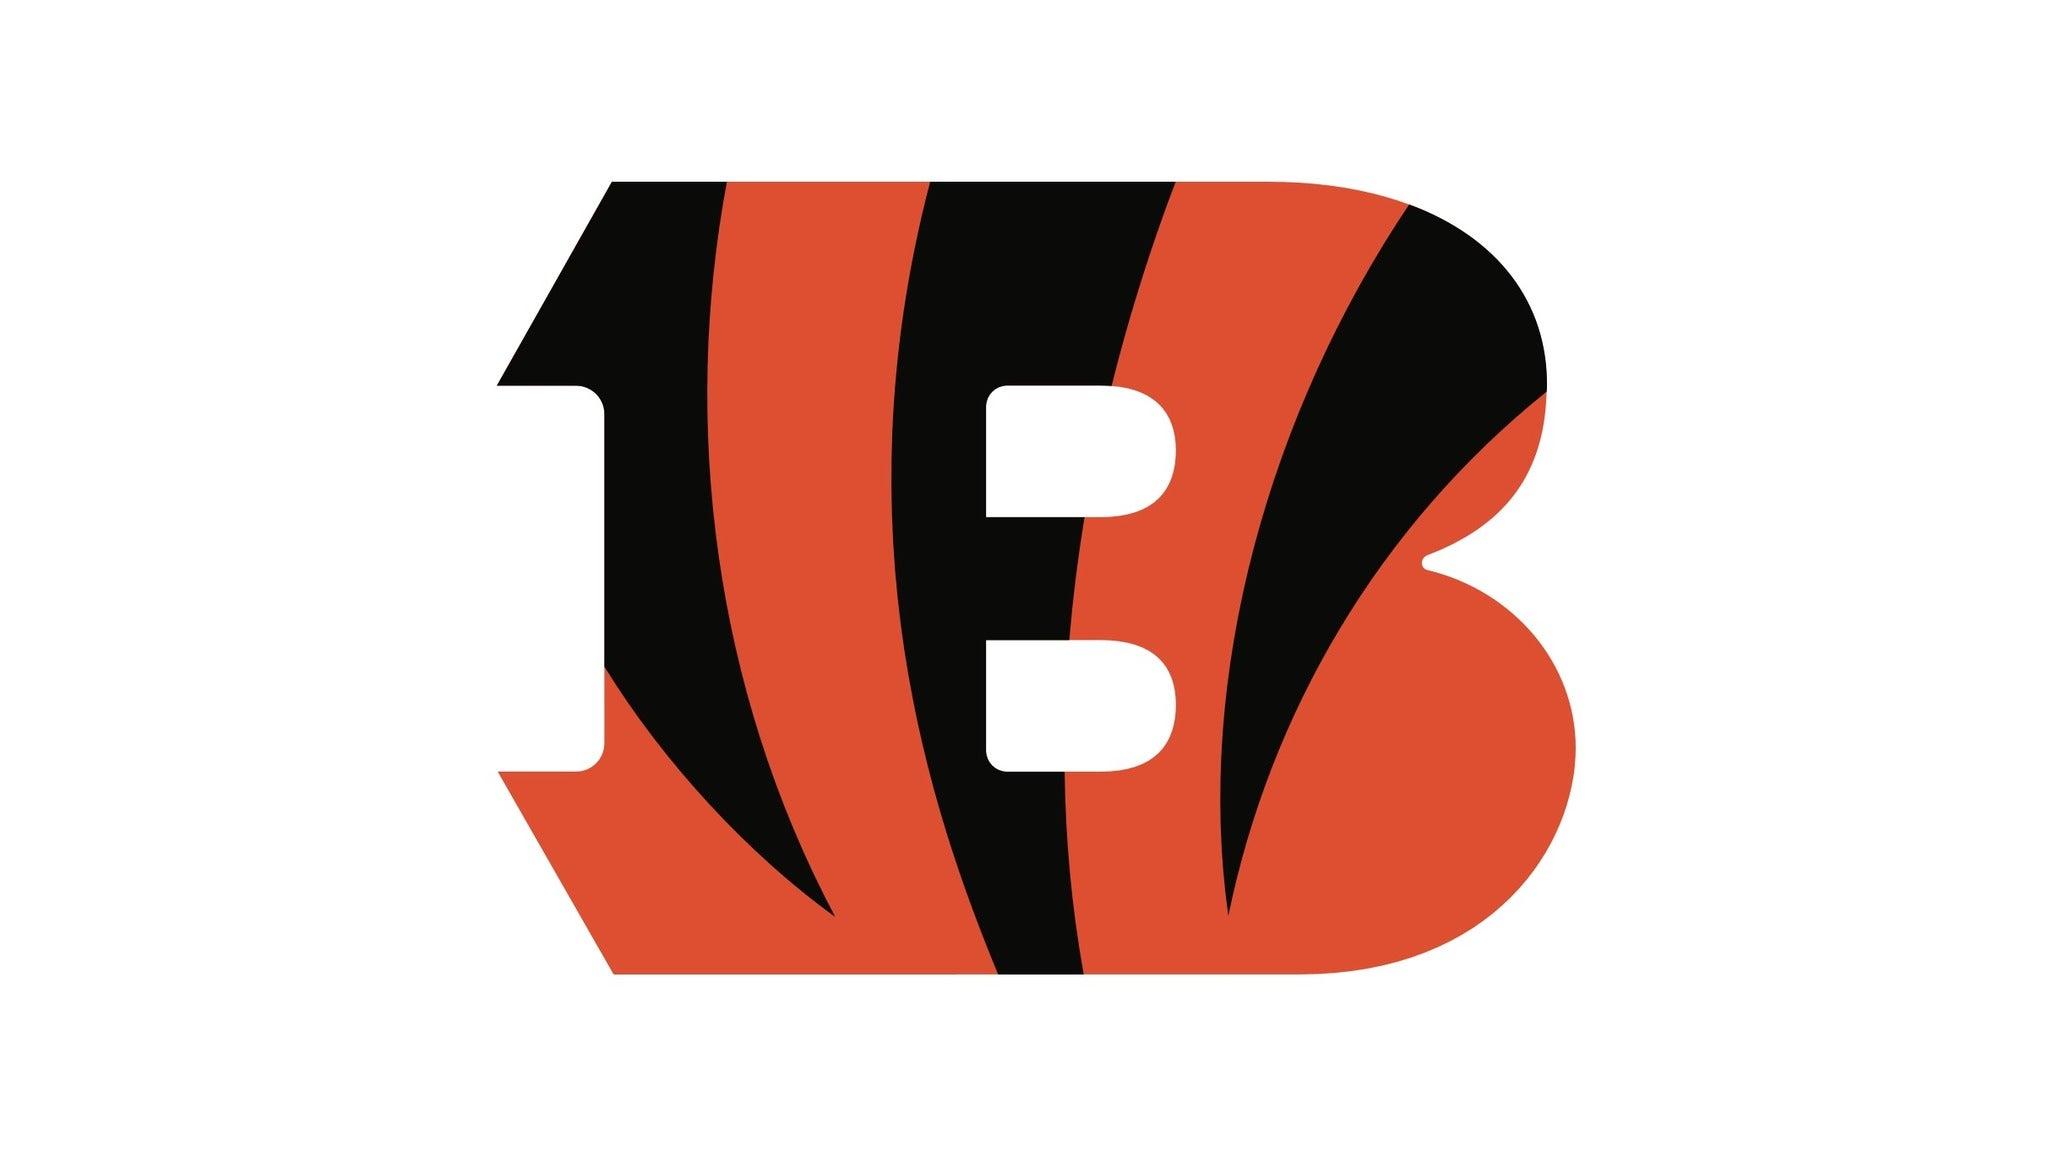 Cincinnati Bengals vs. New York Giants